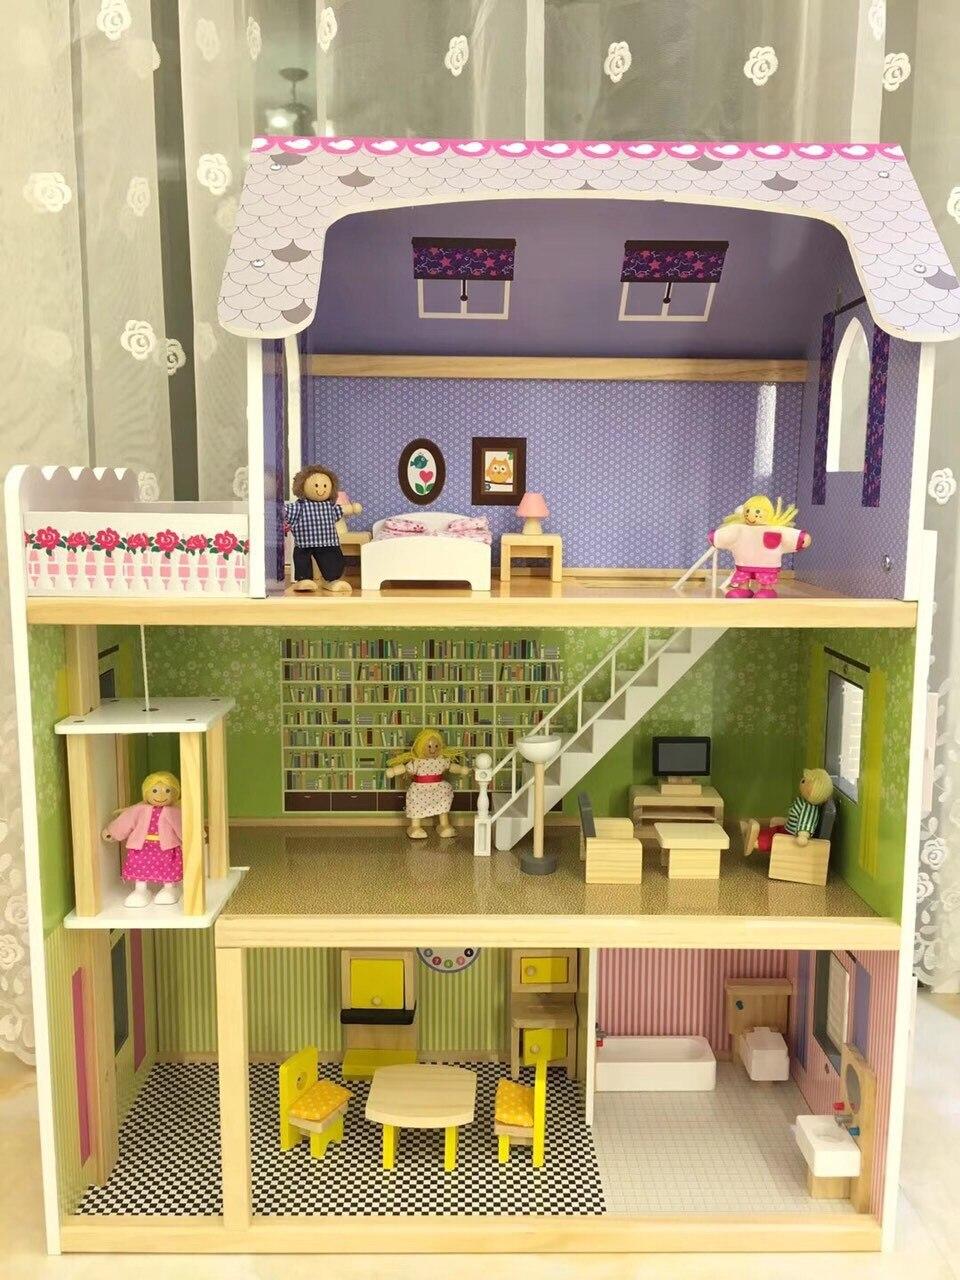 Деревянный кукольный домик «сделай сам», миниатюрный кукольный домик, комплект мебели, музыкальные игрушки для детей, подарок на день рожде...